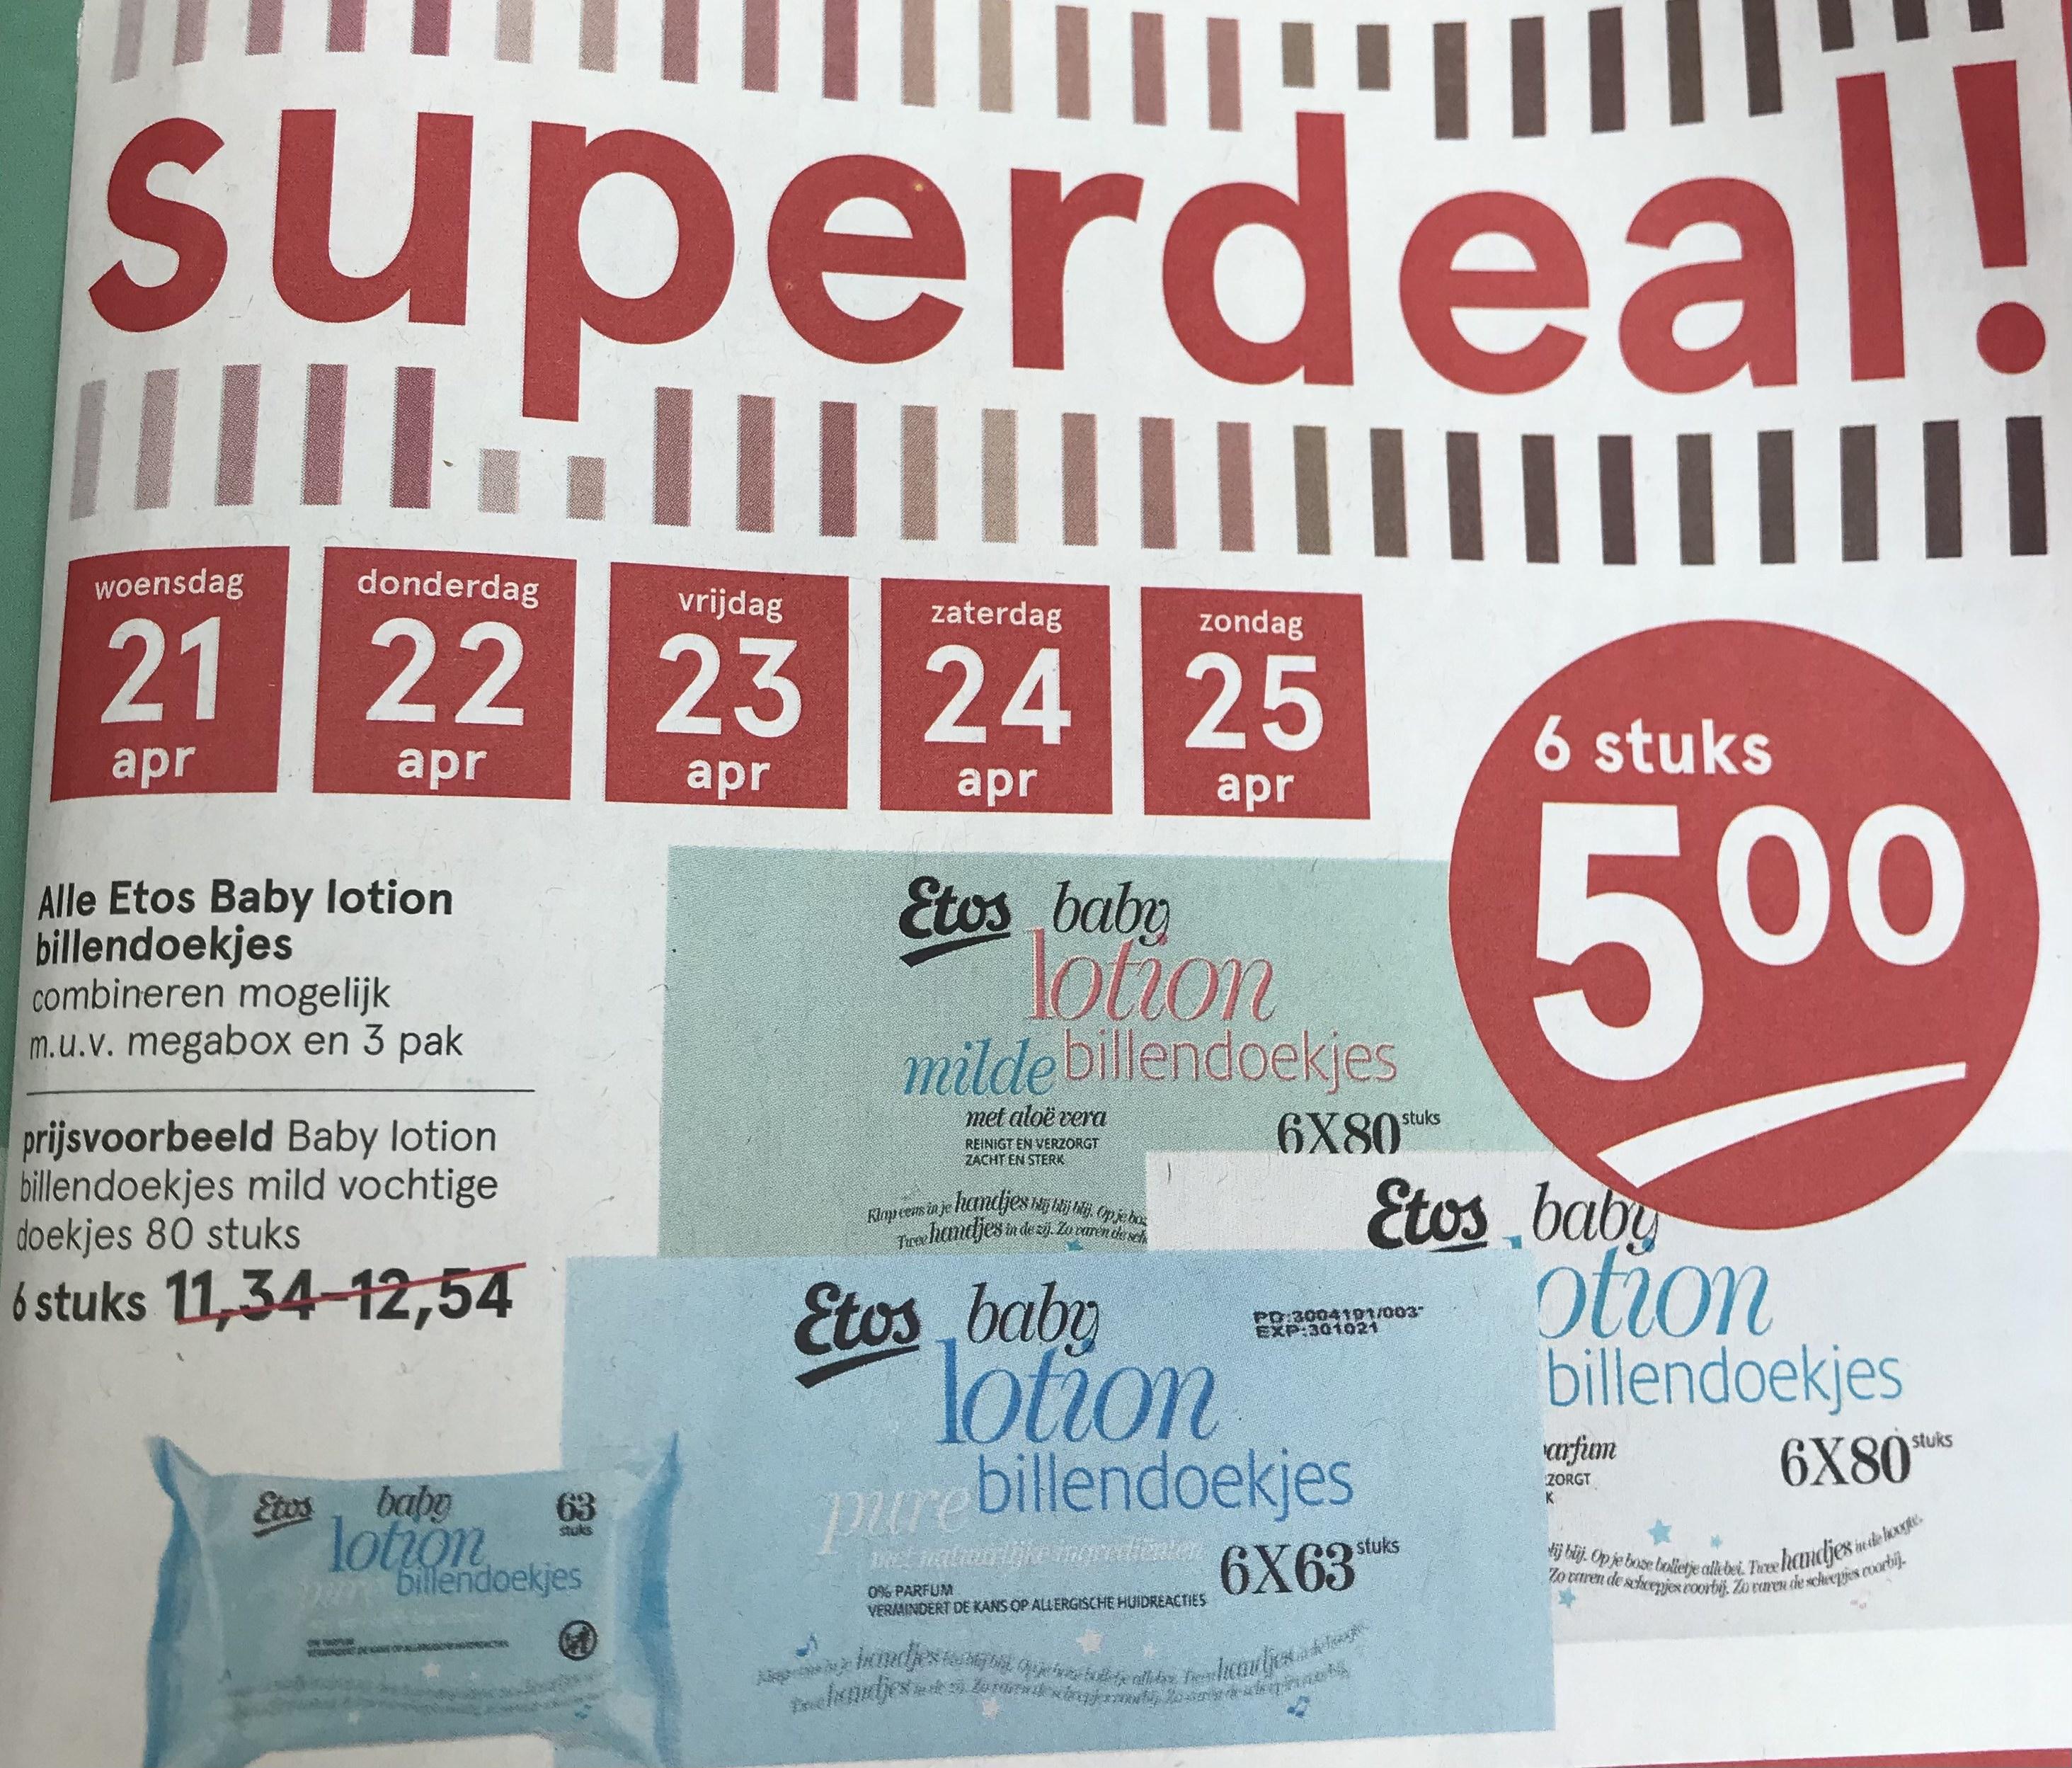 Etos: billendoekjes 6 stuks 5€